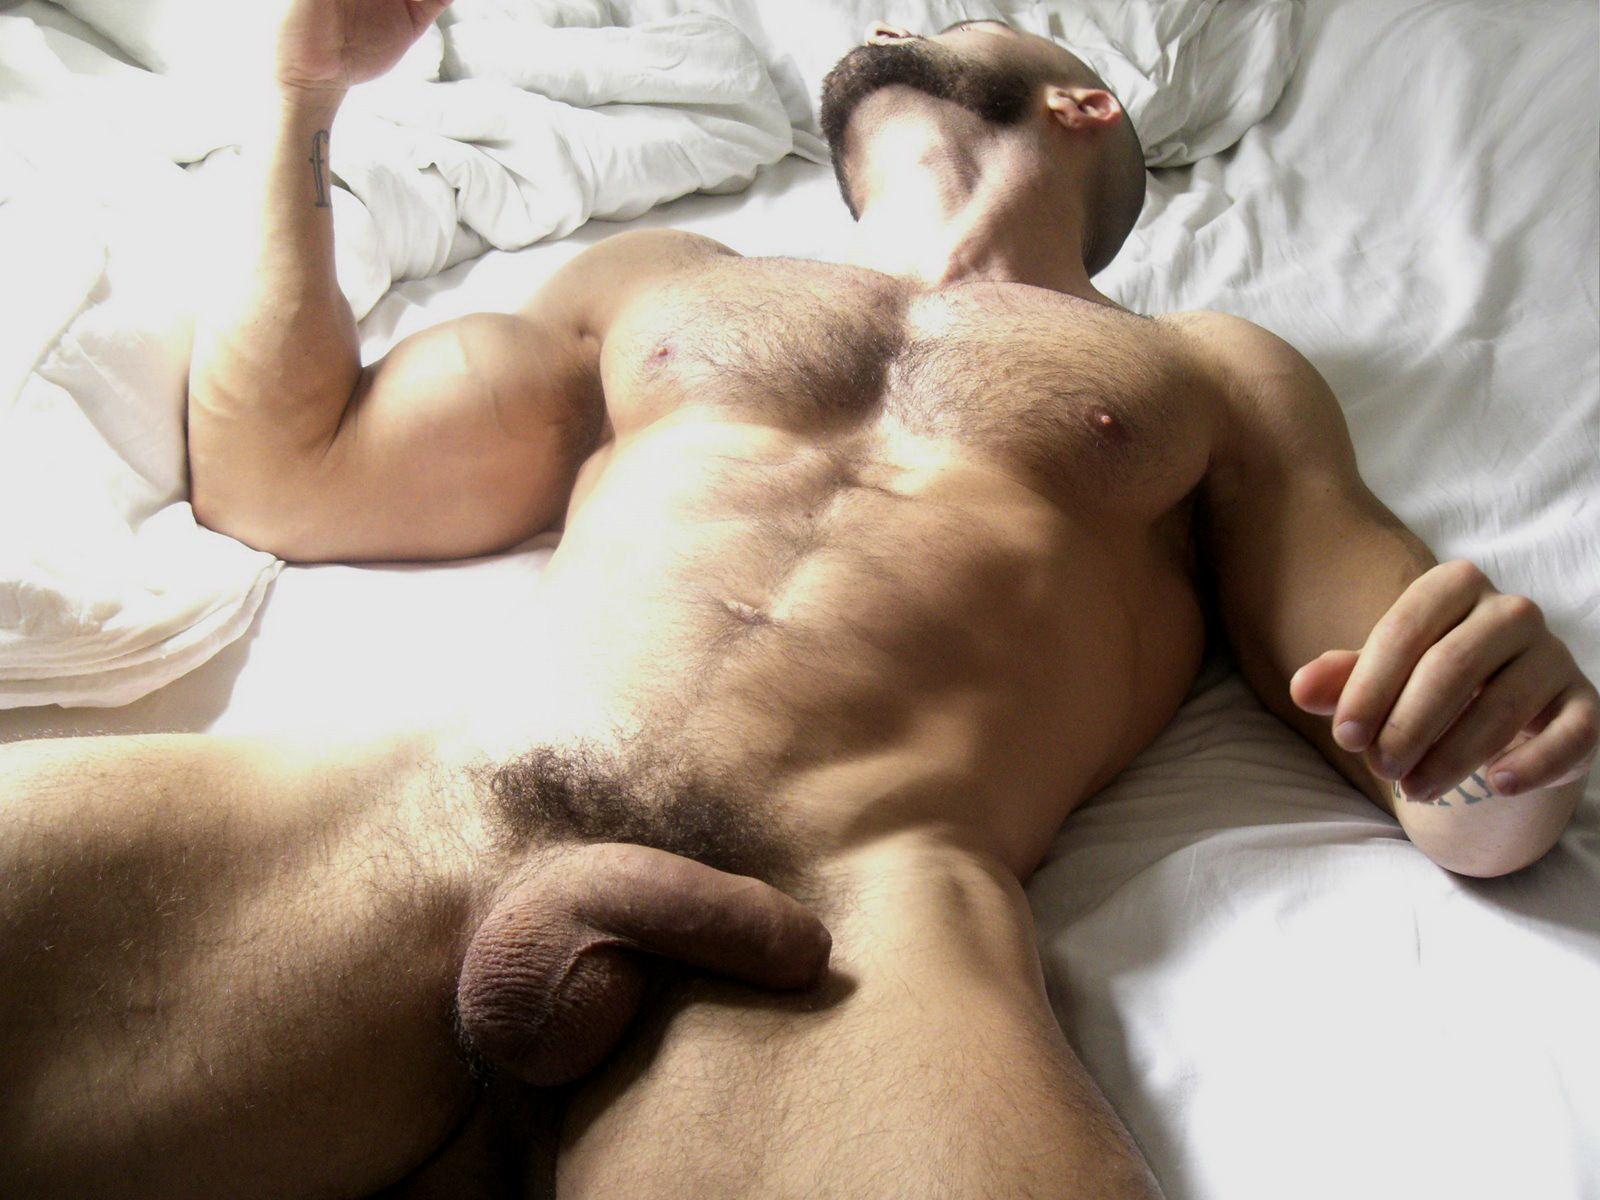 Чеченец занимается сексом 9 фотография